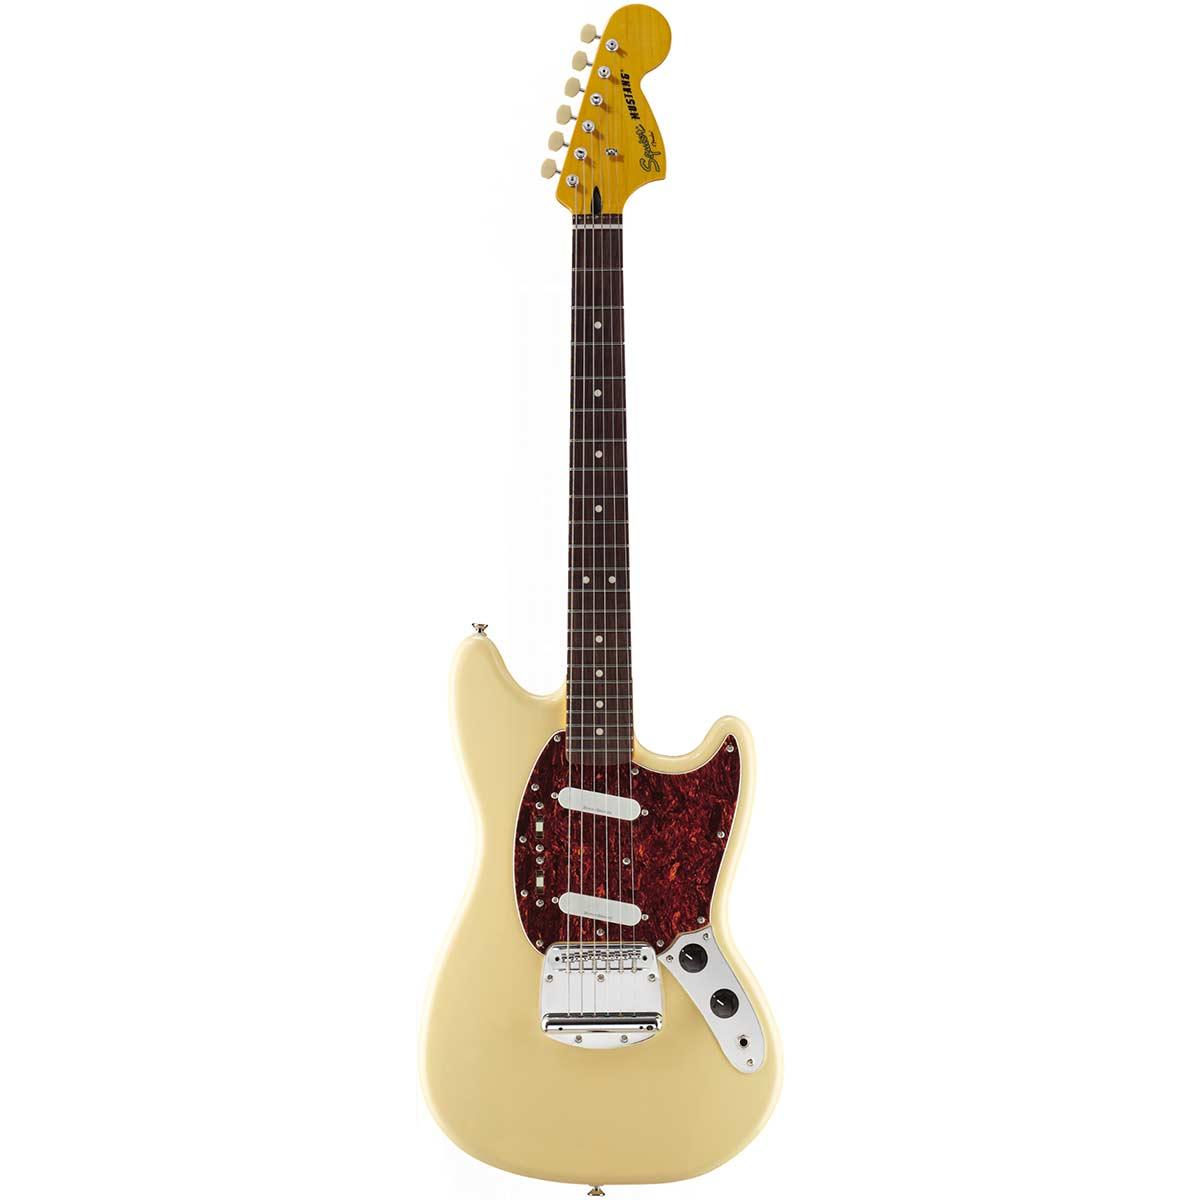 FenderSquier VintageModifiedMustang,RW,VWT el-guitar vintagewhite